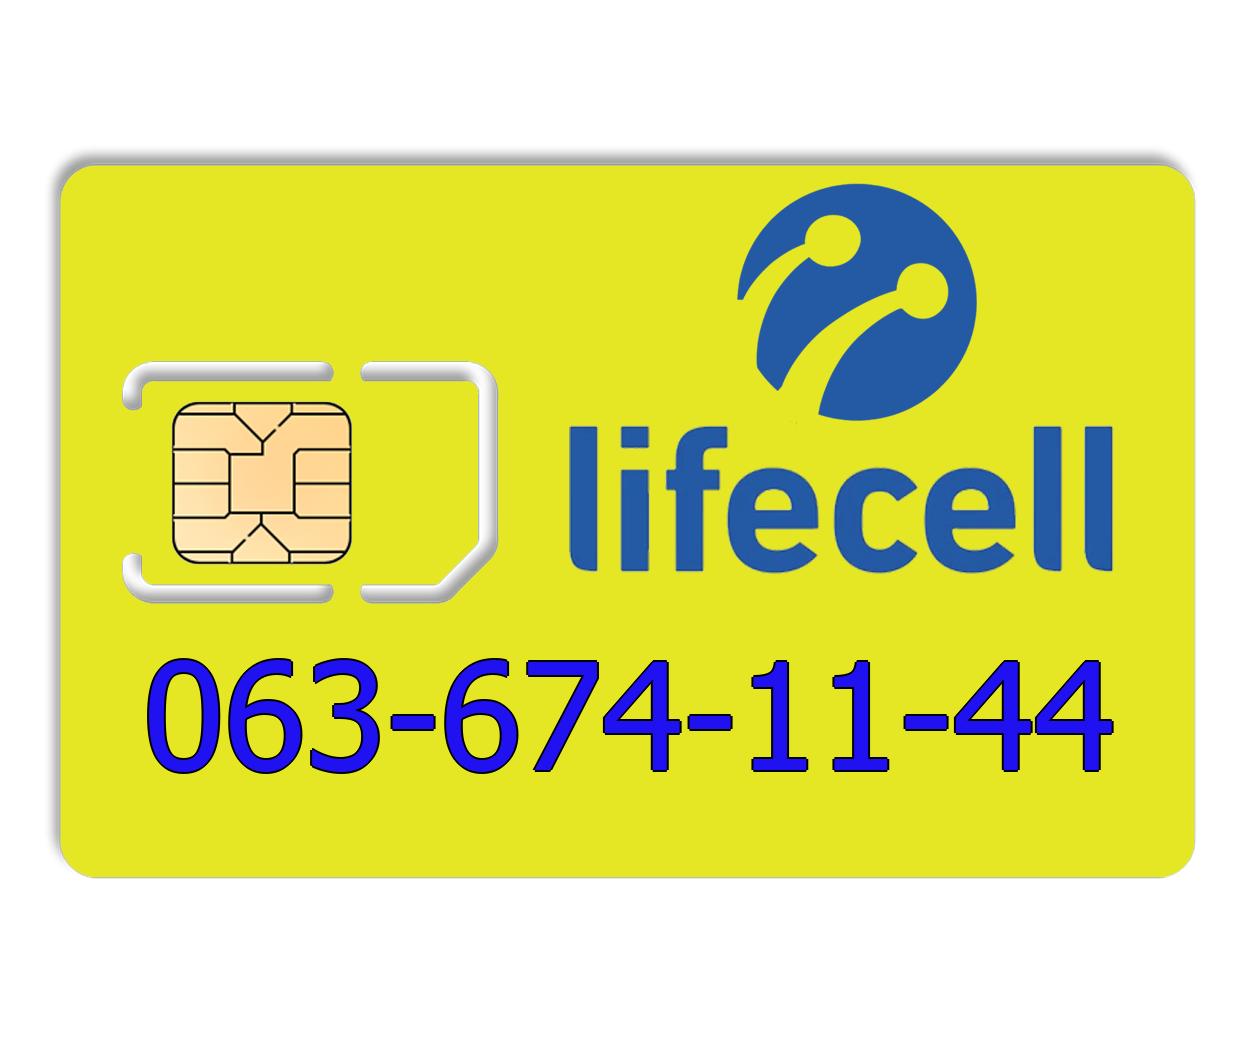 Красивый номер lifecell 063-674-11-44